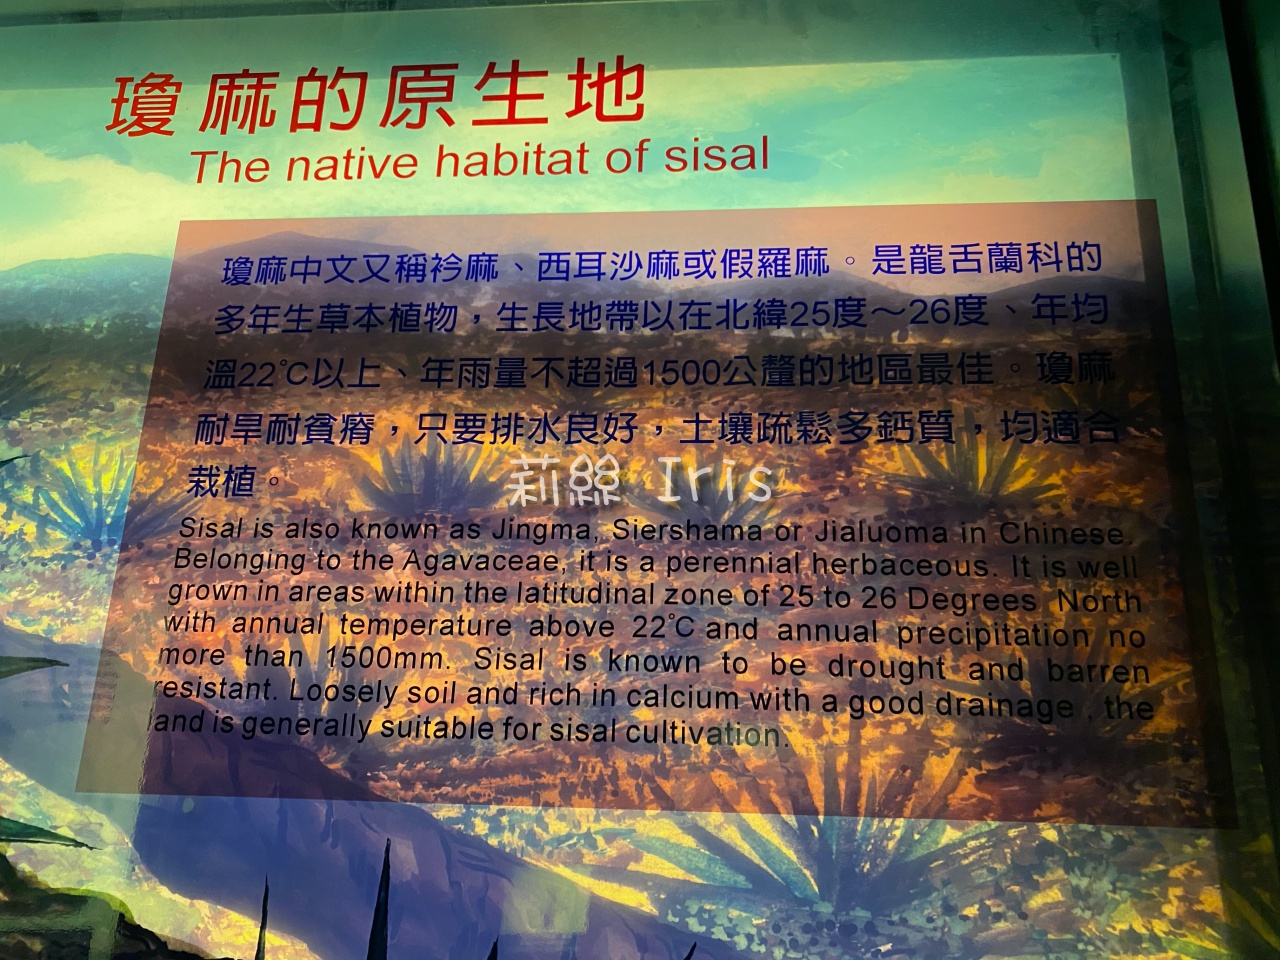 瓊麻的原生地